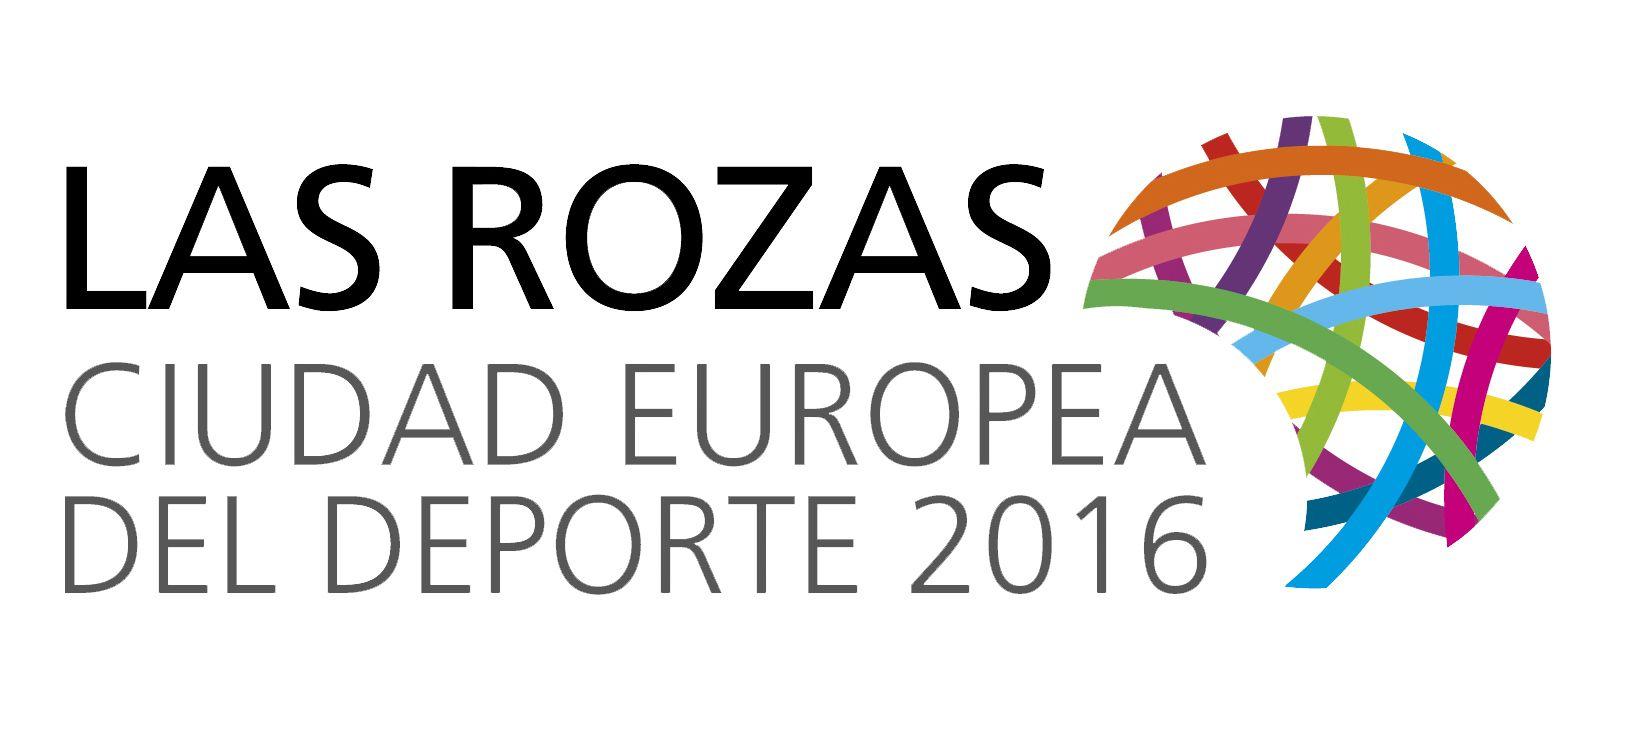 Las-Rozas-Ciudad-Europea-del-Deporte-vivir